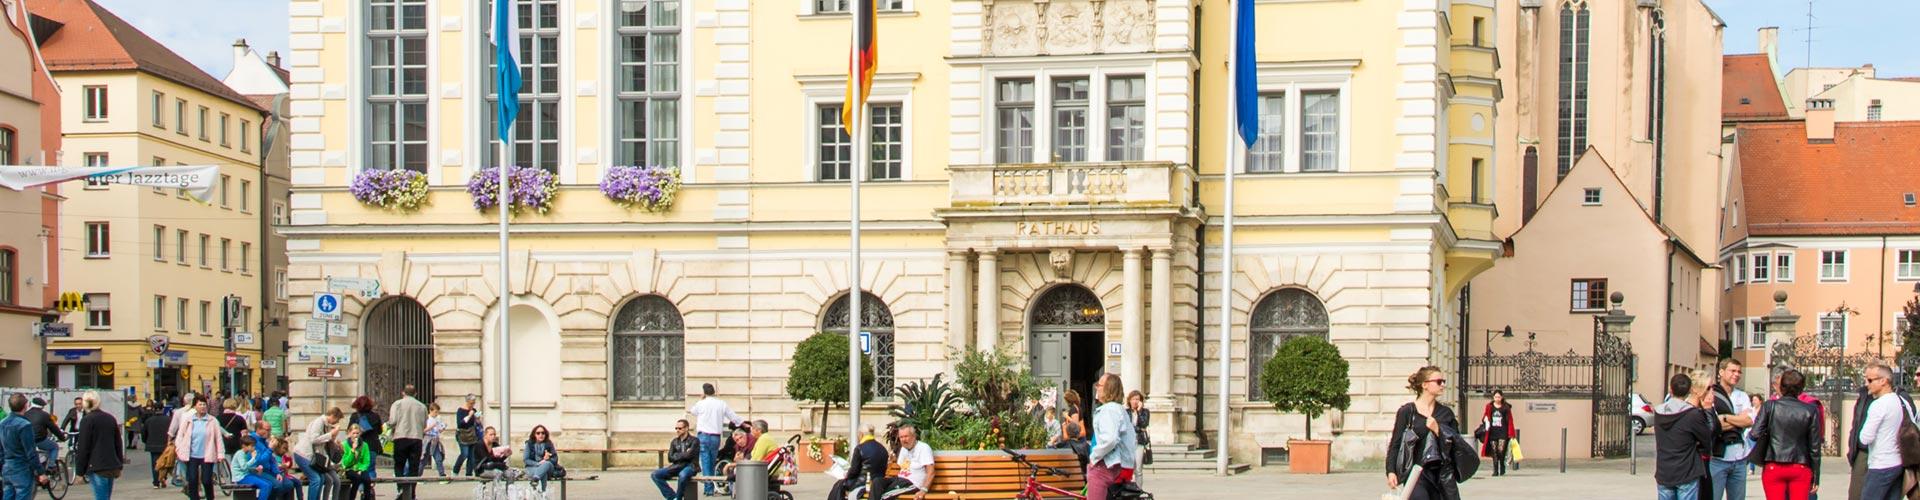 Sprachschule Aktiv Ingolstadt